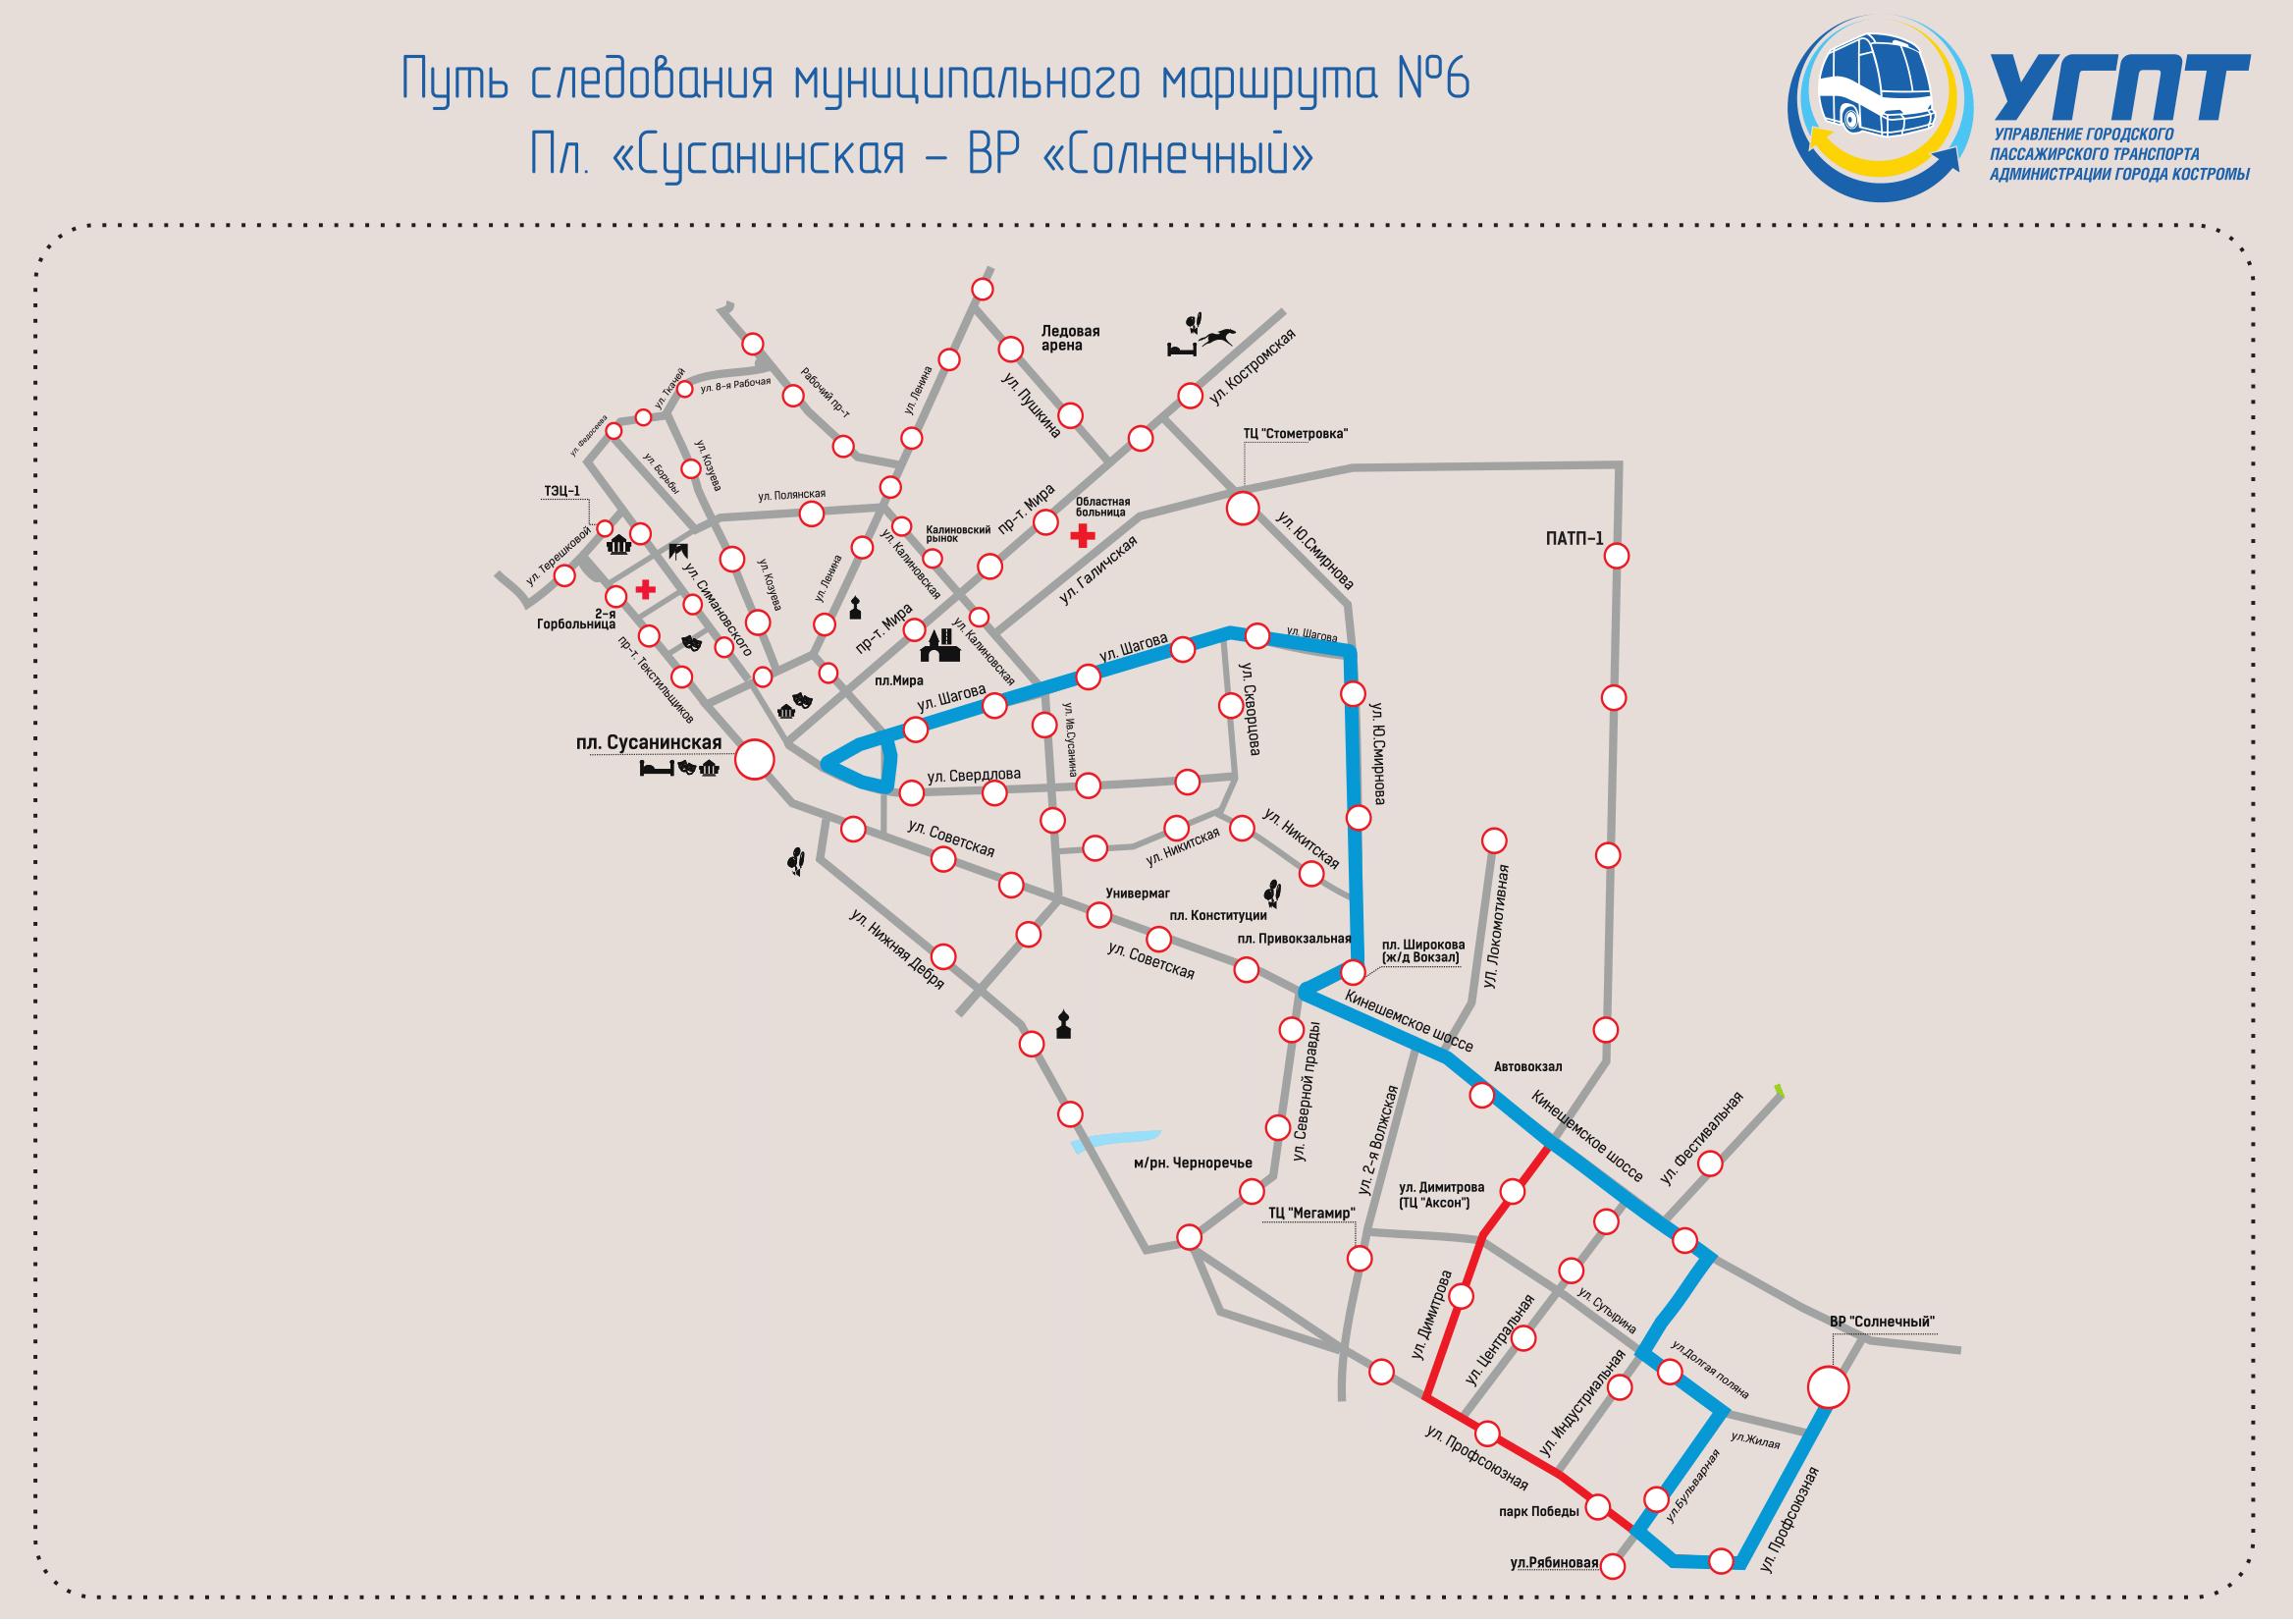 Схема движения автобуса до рио